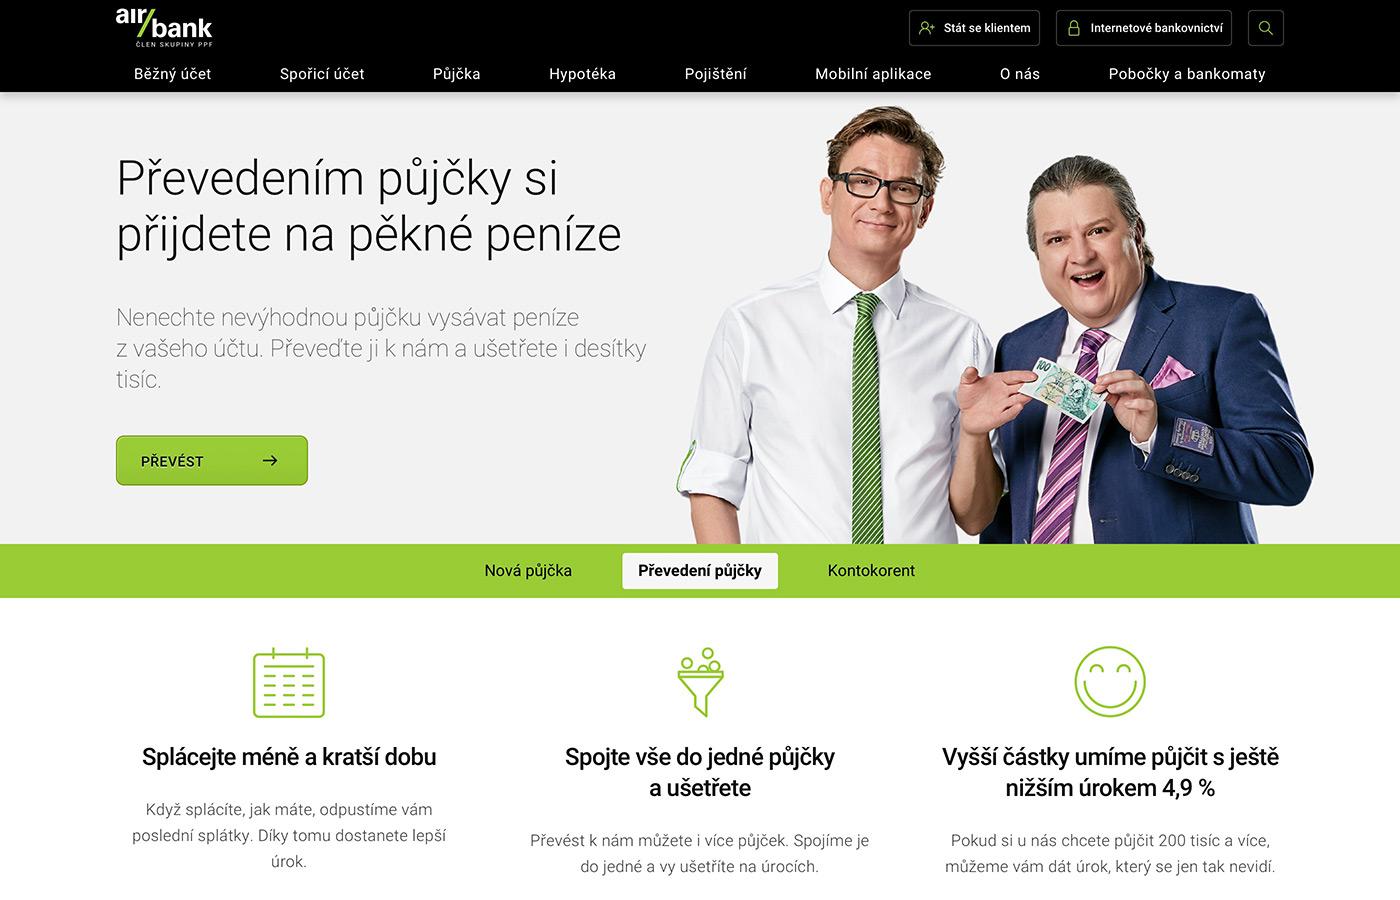 Náhled webových stránek www.airbank.cz/produkty/prevedeni-pujcky/